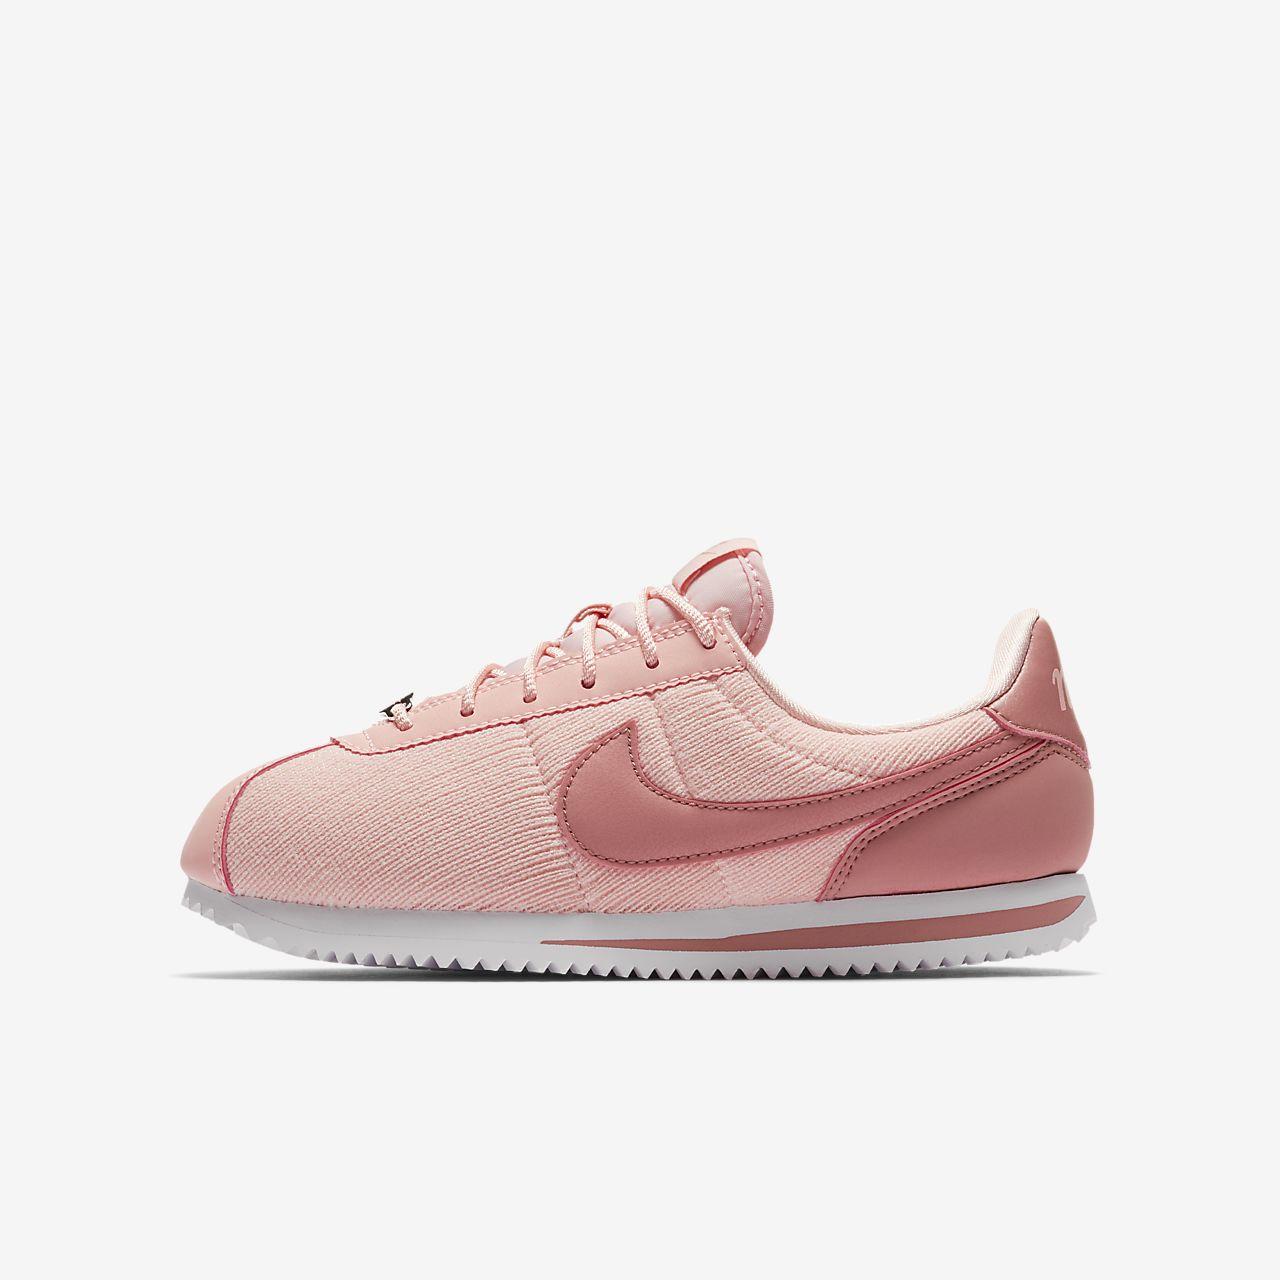 online store 3f997 329fb ... switzerland chaussure nike cortez basic text se pour enfant plus âgé  44c1a 776e5